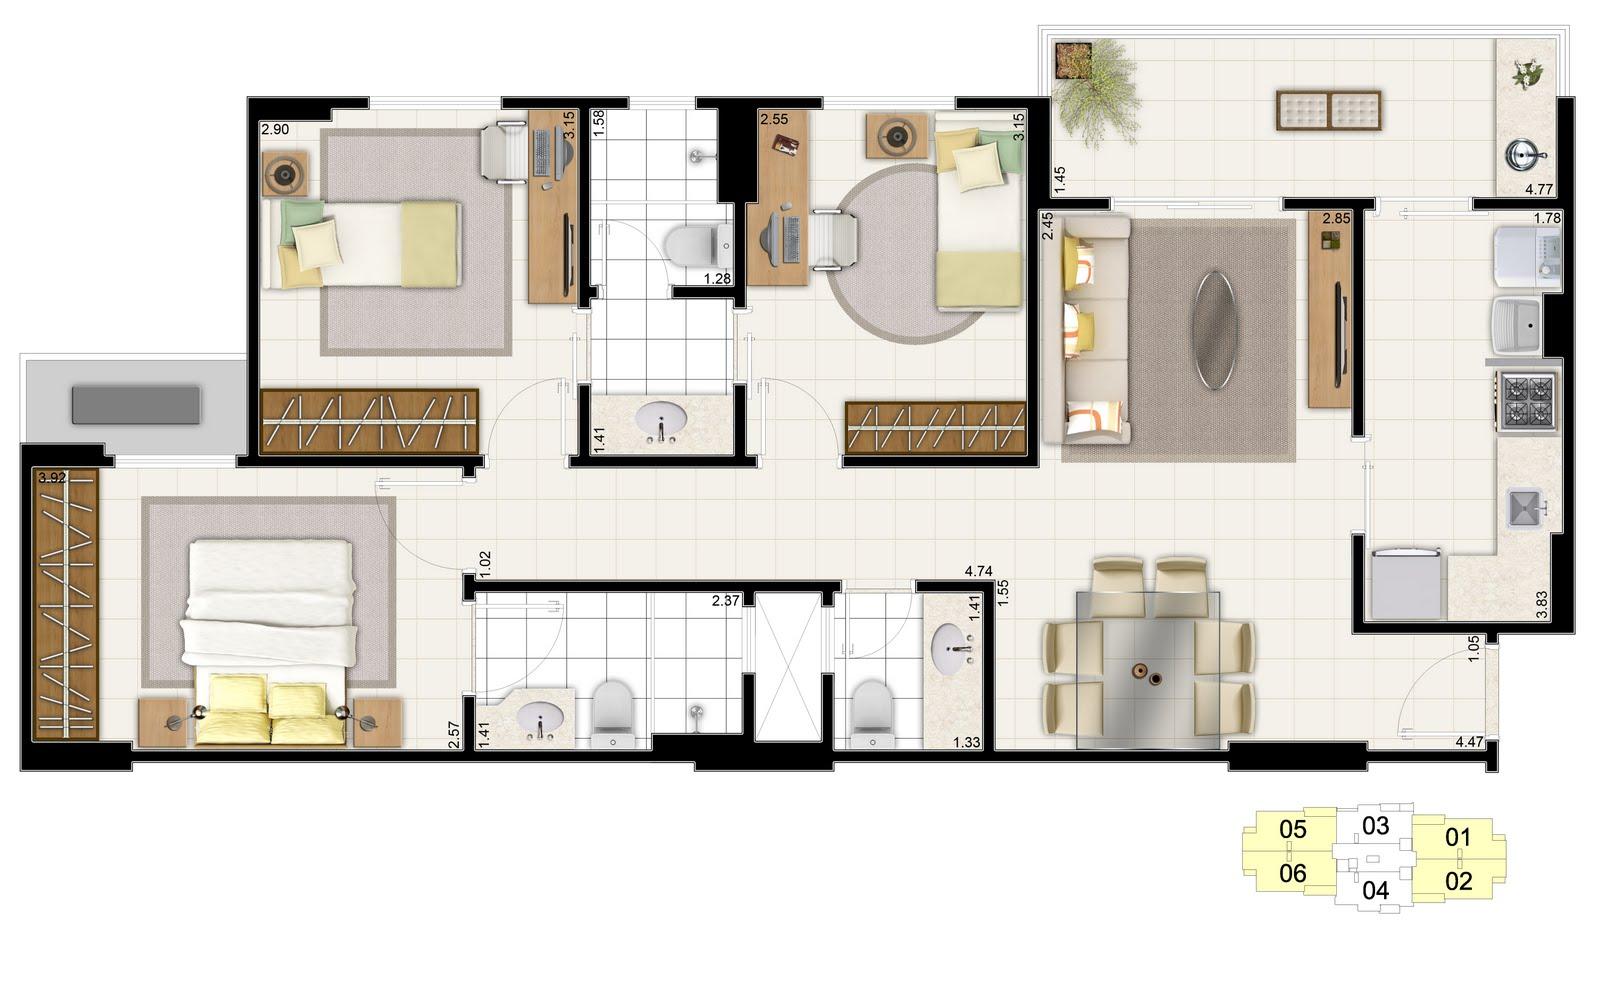 Projetar Casas Projetos e Plantas de Casas #896A41 1600 1005